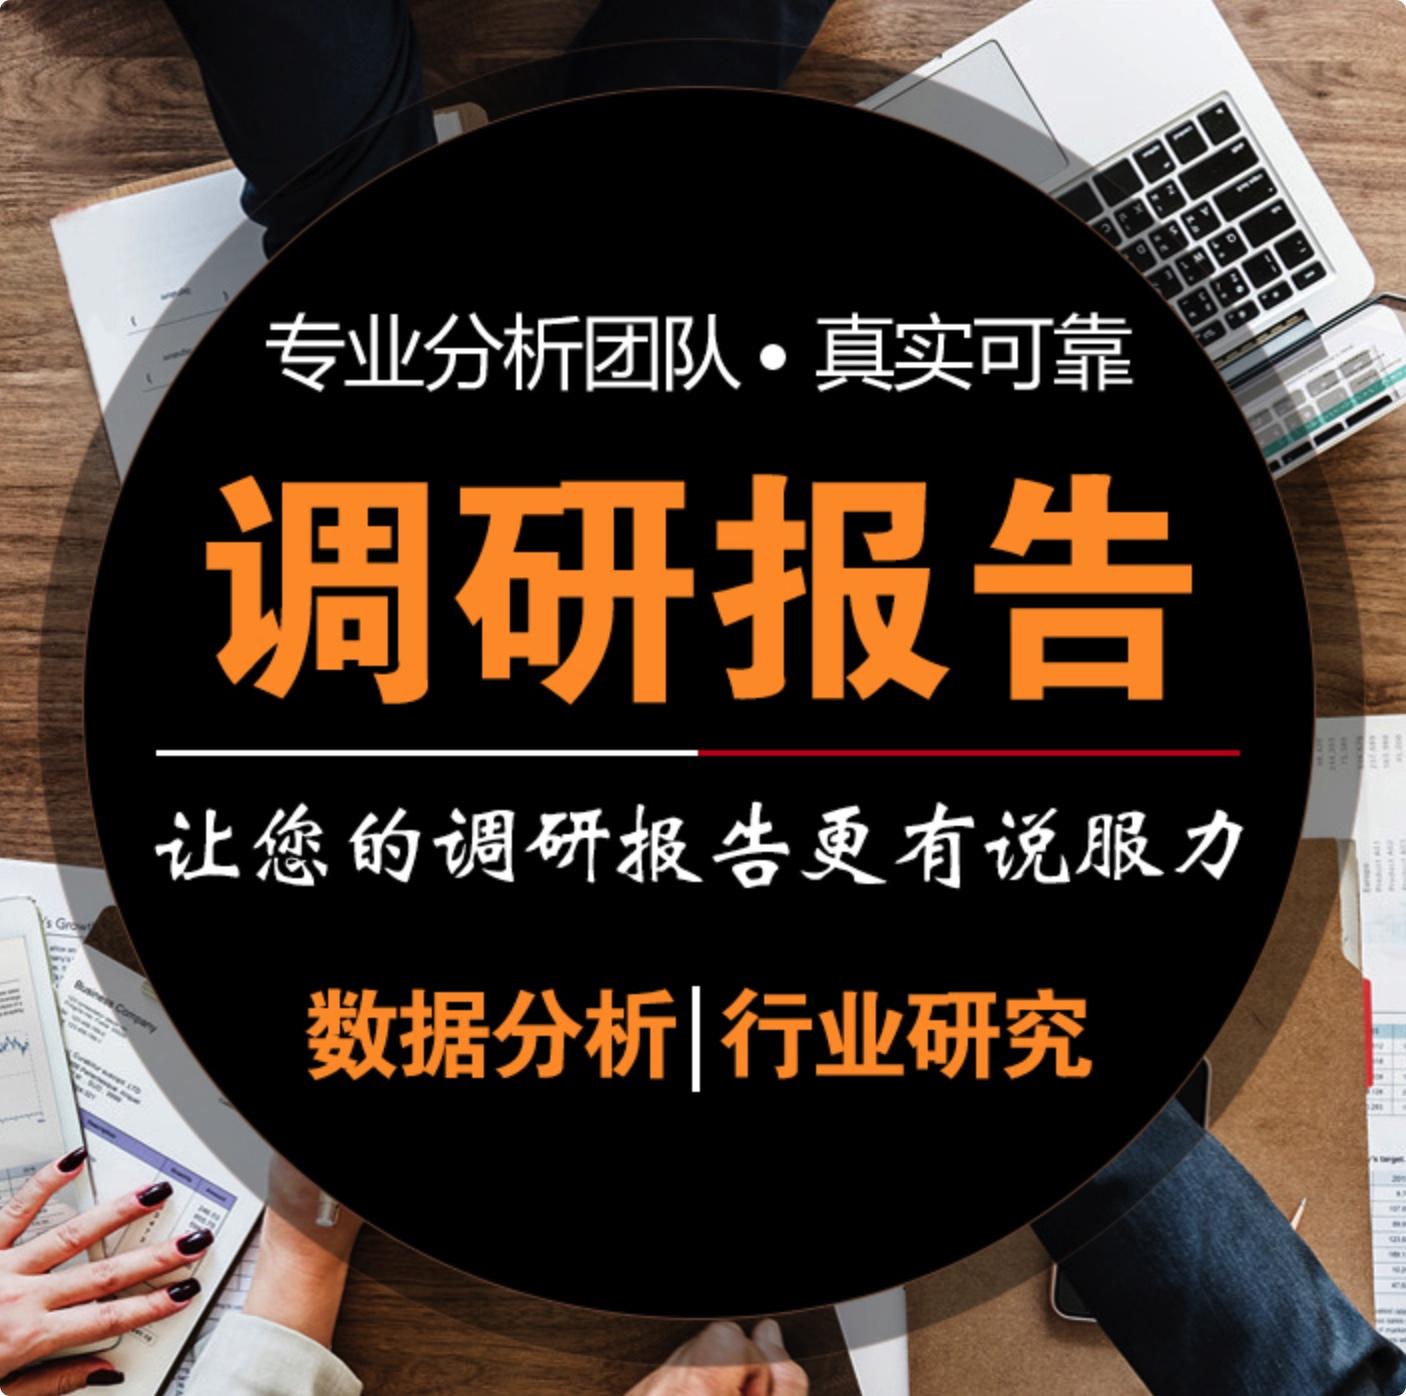 2021第一季度Q1各行业市场品牌研报合集